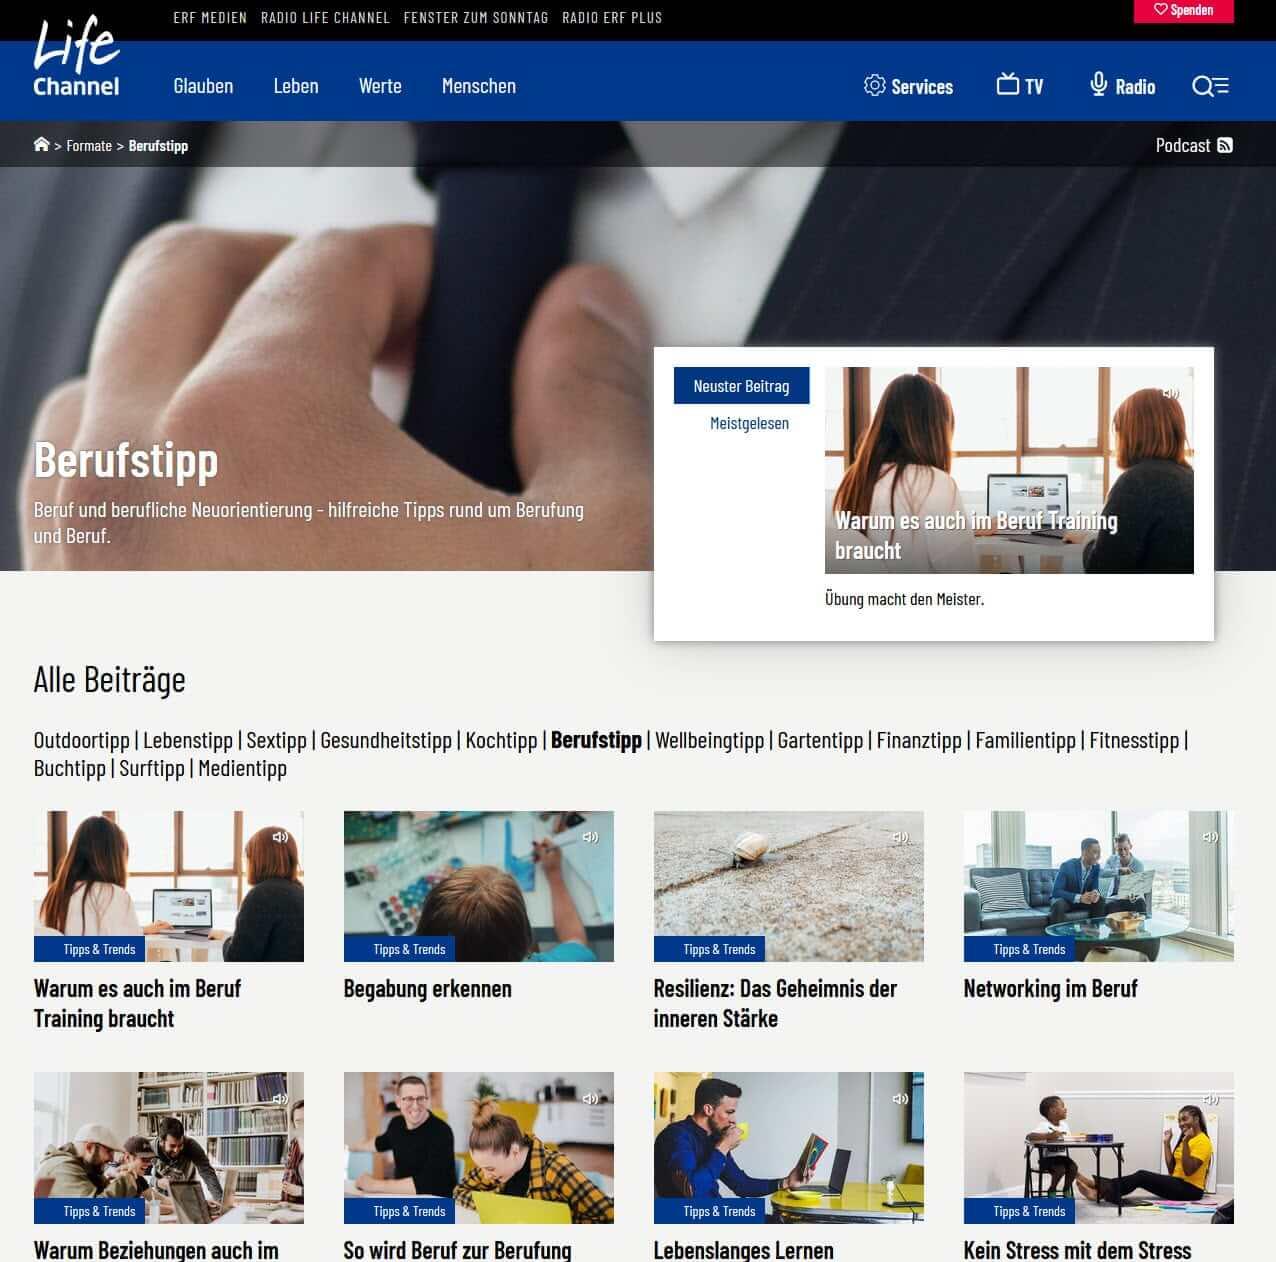 Berufstipp - Radiosendungen Life Channel